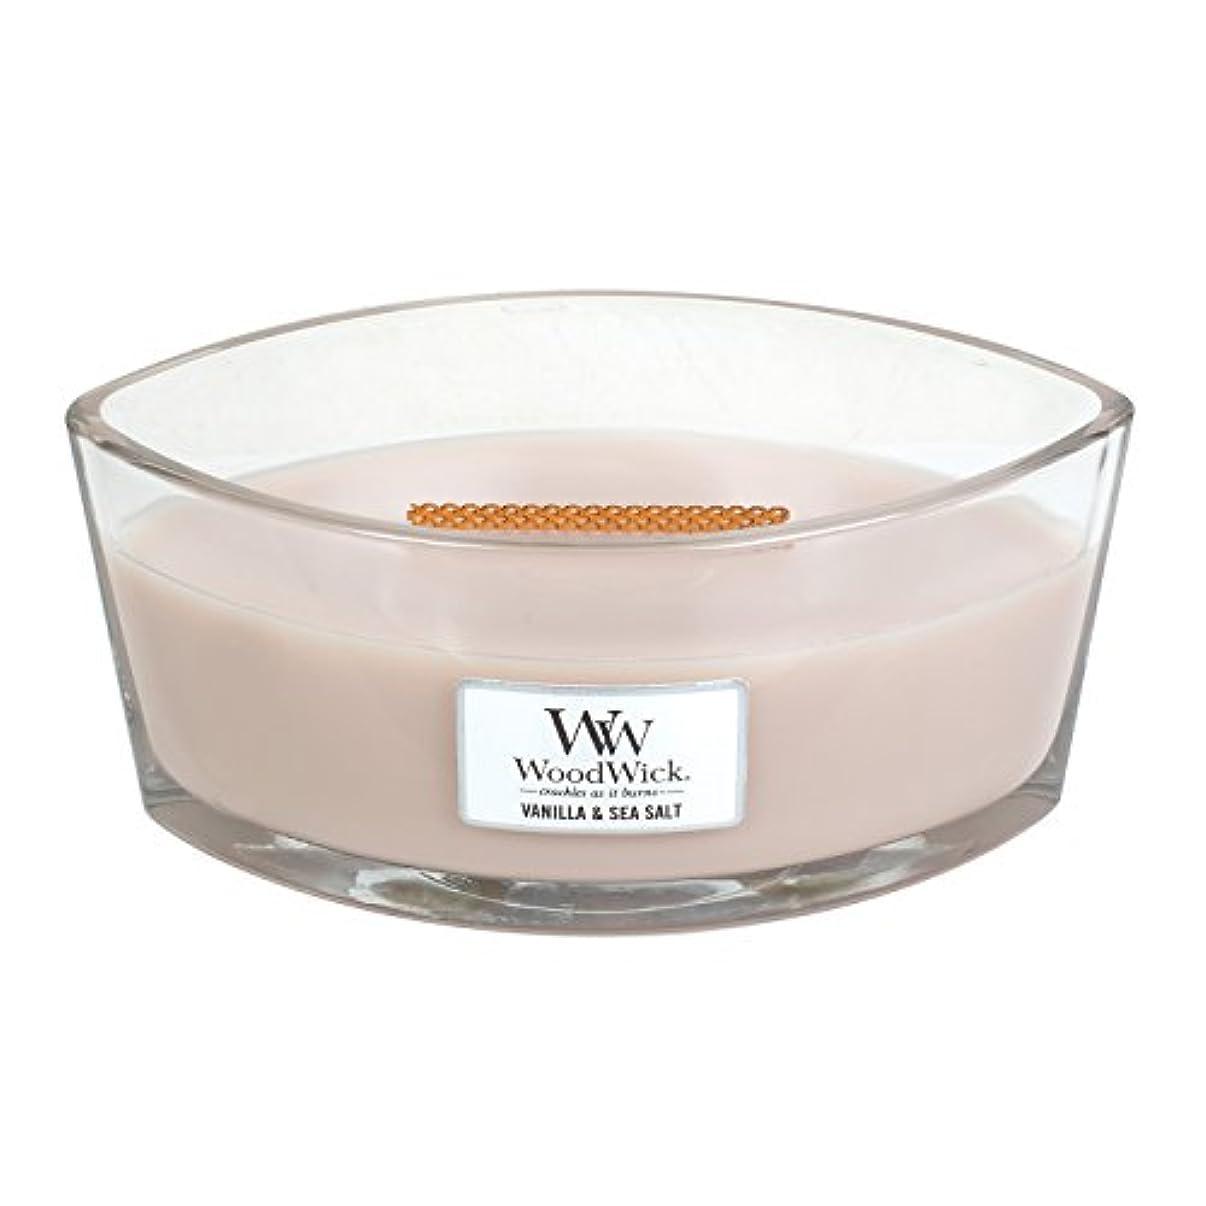 避難する感情の成長するWoodWick VANILLA & SEA SALT, Highly Scented Candle, Ellipse Glass Jar with Original HearthWick Flame, Large 18cm...